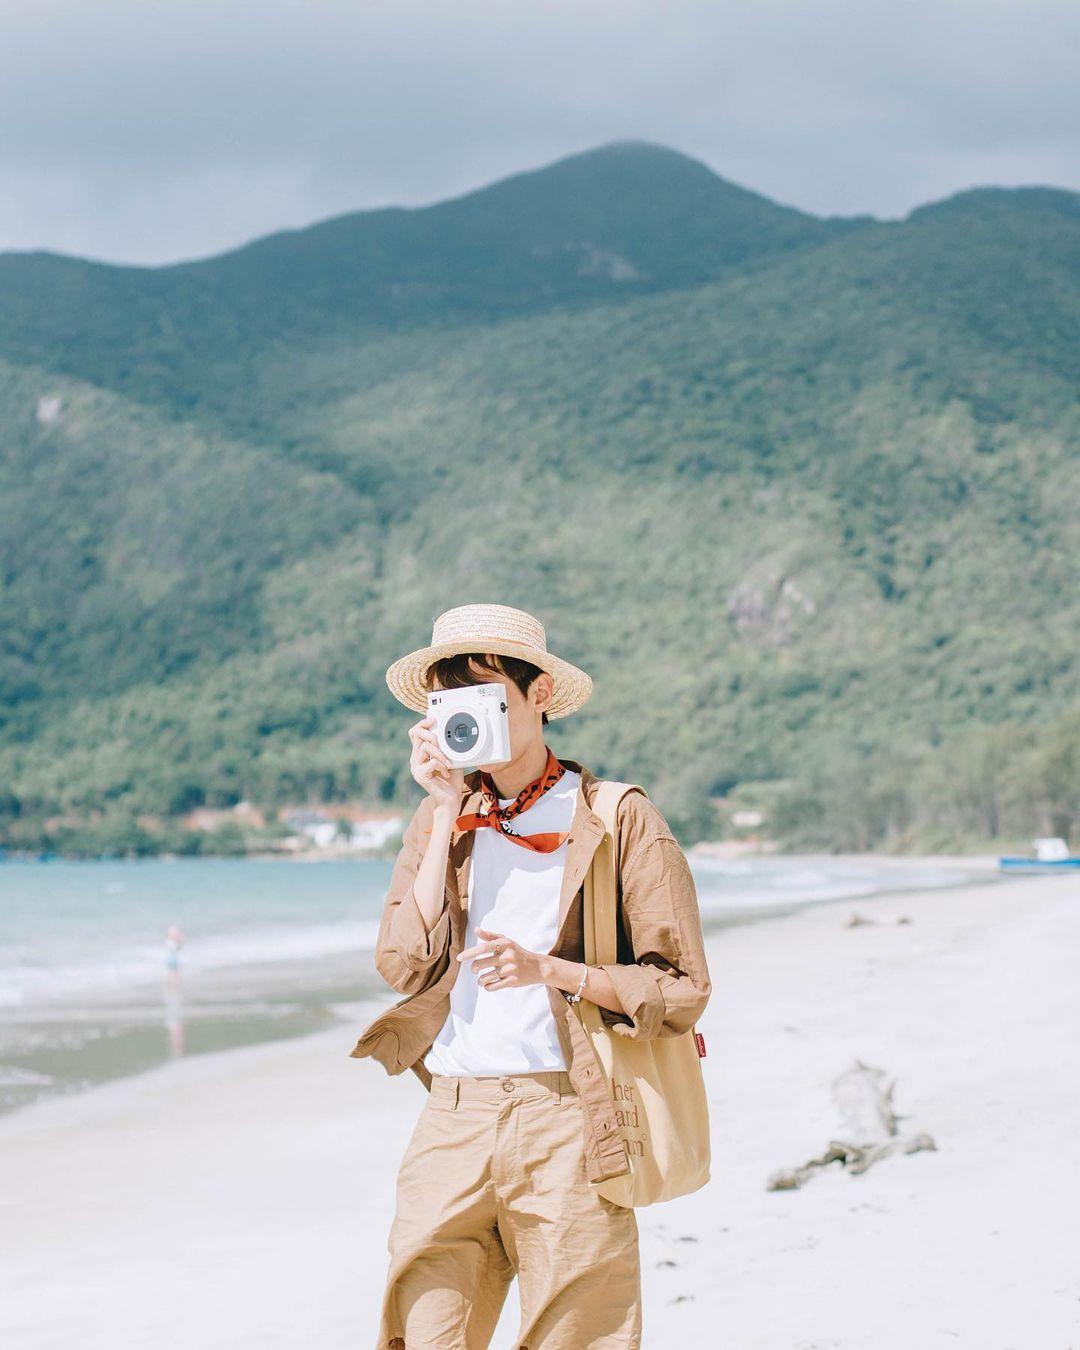 CẤP BÁO: Phát hiện rất nhiều người đang thèm được đi tới bến sau dịch, điển hình nhất là hội travel blogger đình đám này! - Ảnh 8.